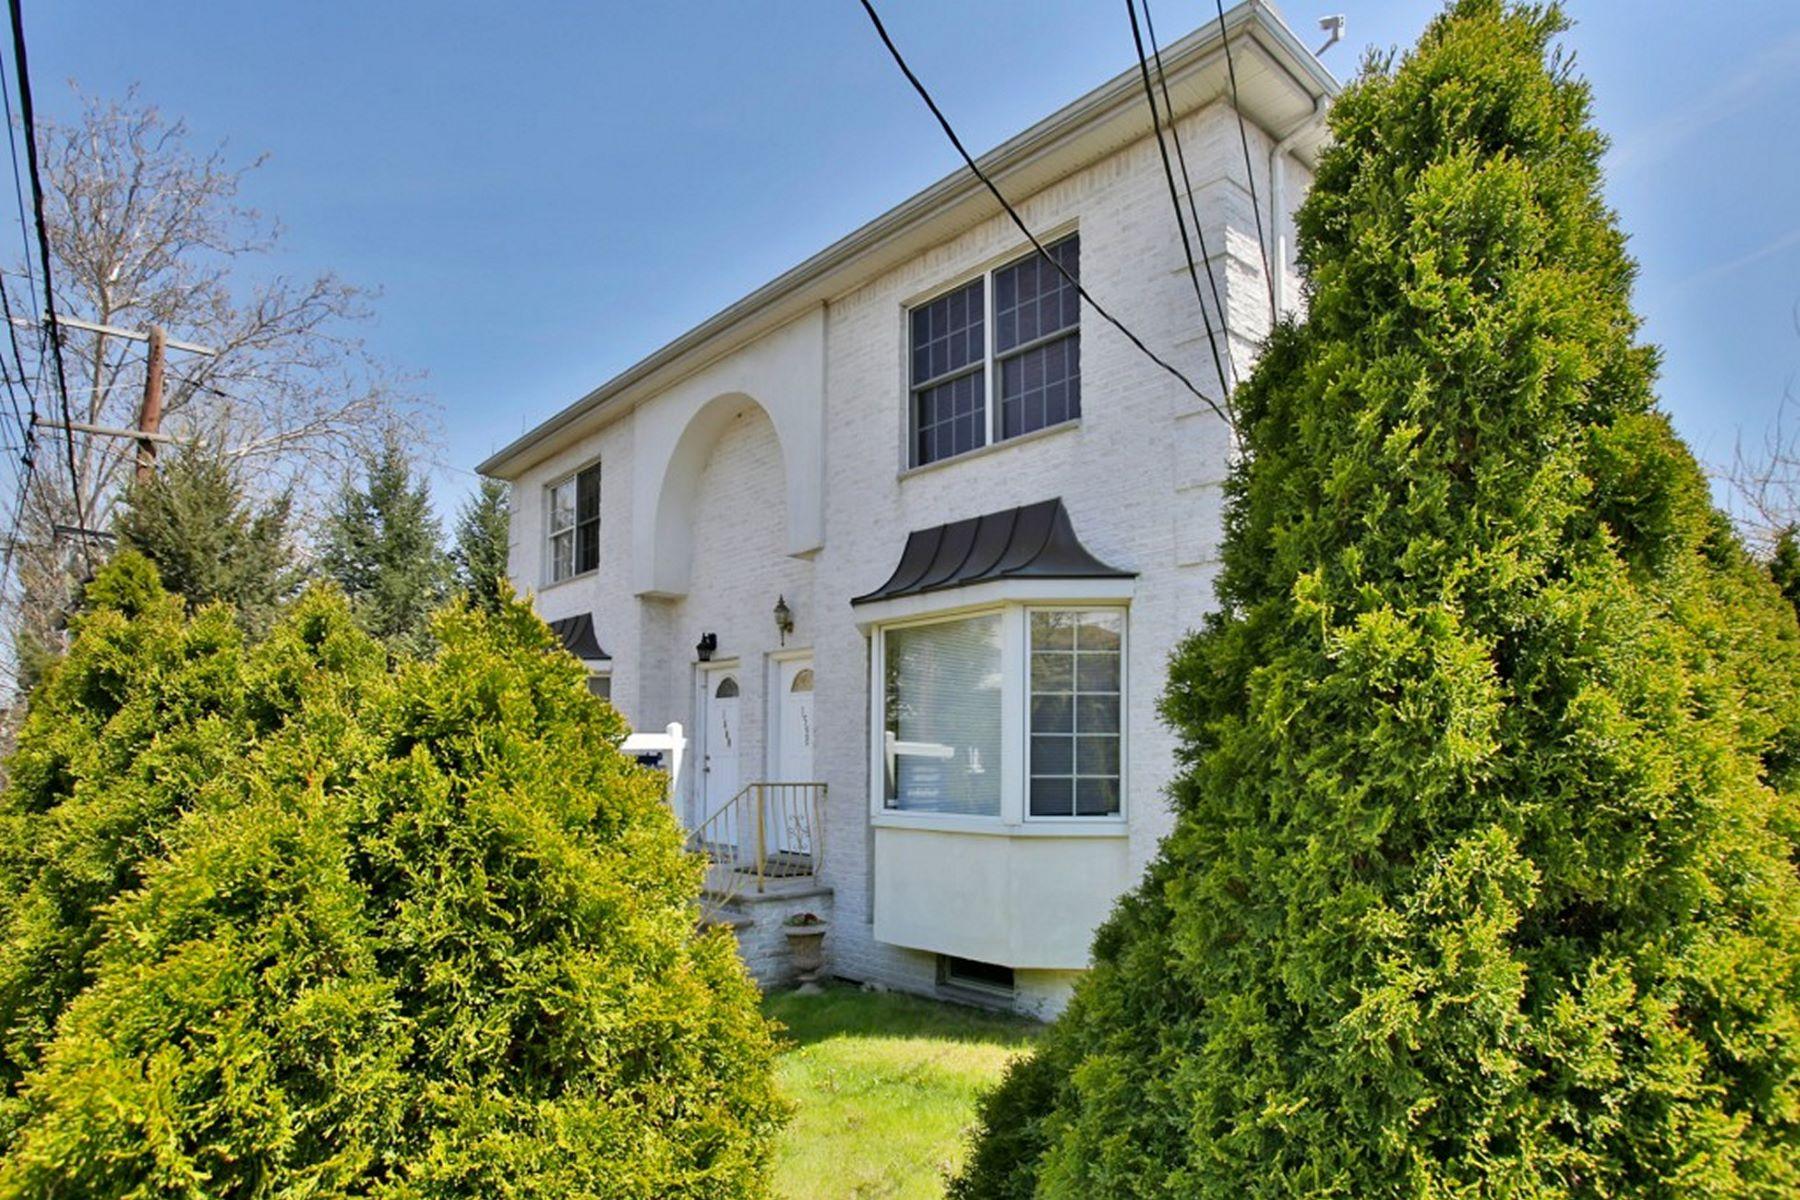 联栋屋 为 销售 在 Well Maintained 3 Bedroom Townhouse 1598 Ann Street 李堡, 新泽西州, 07024 美国